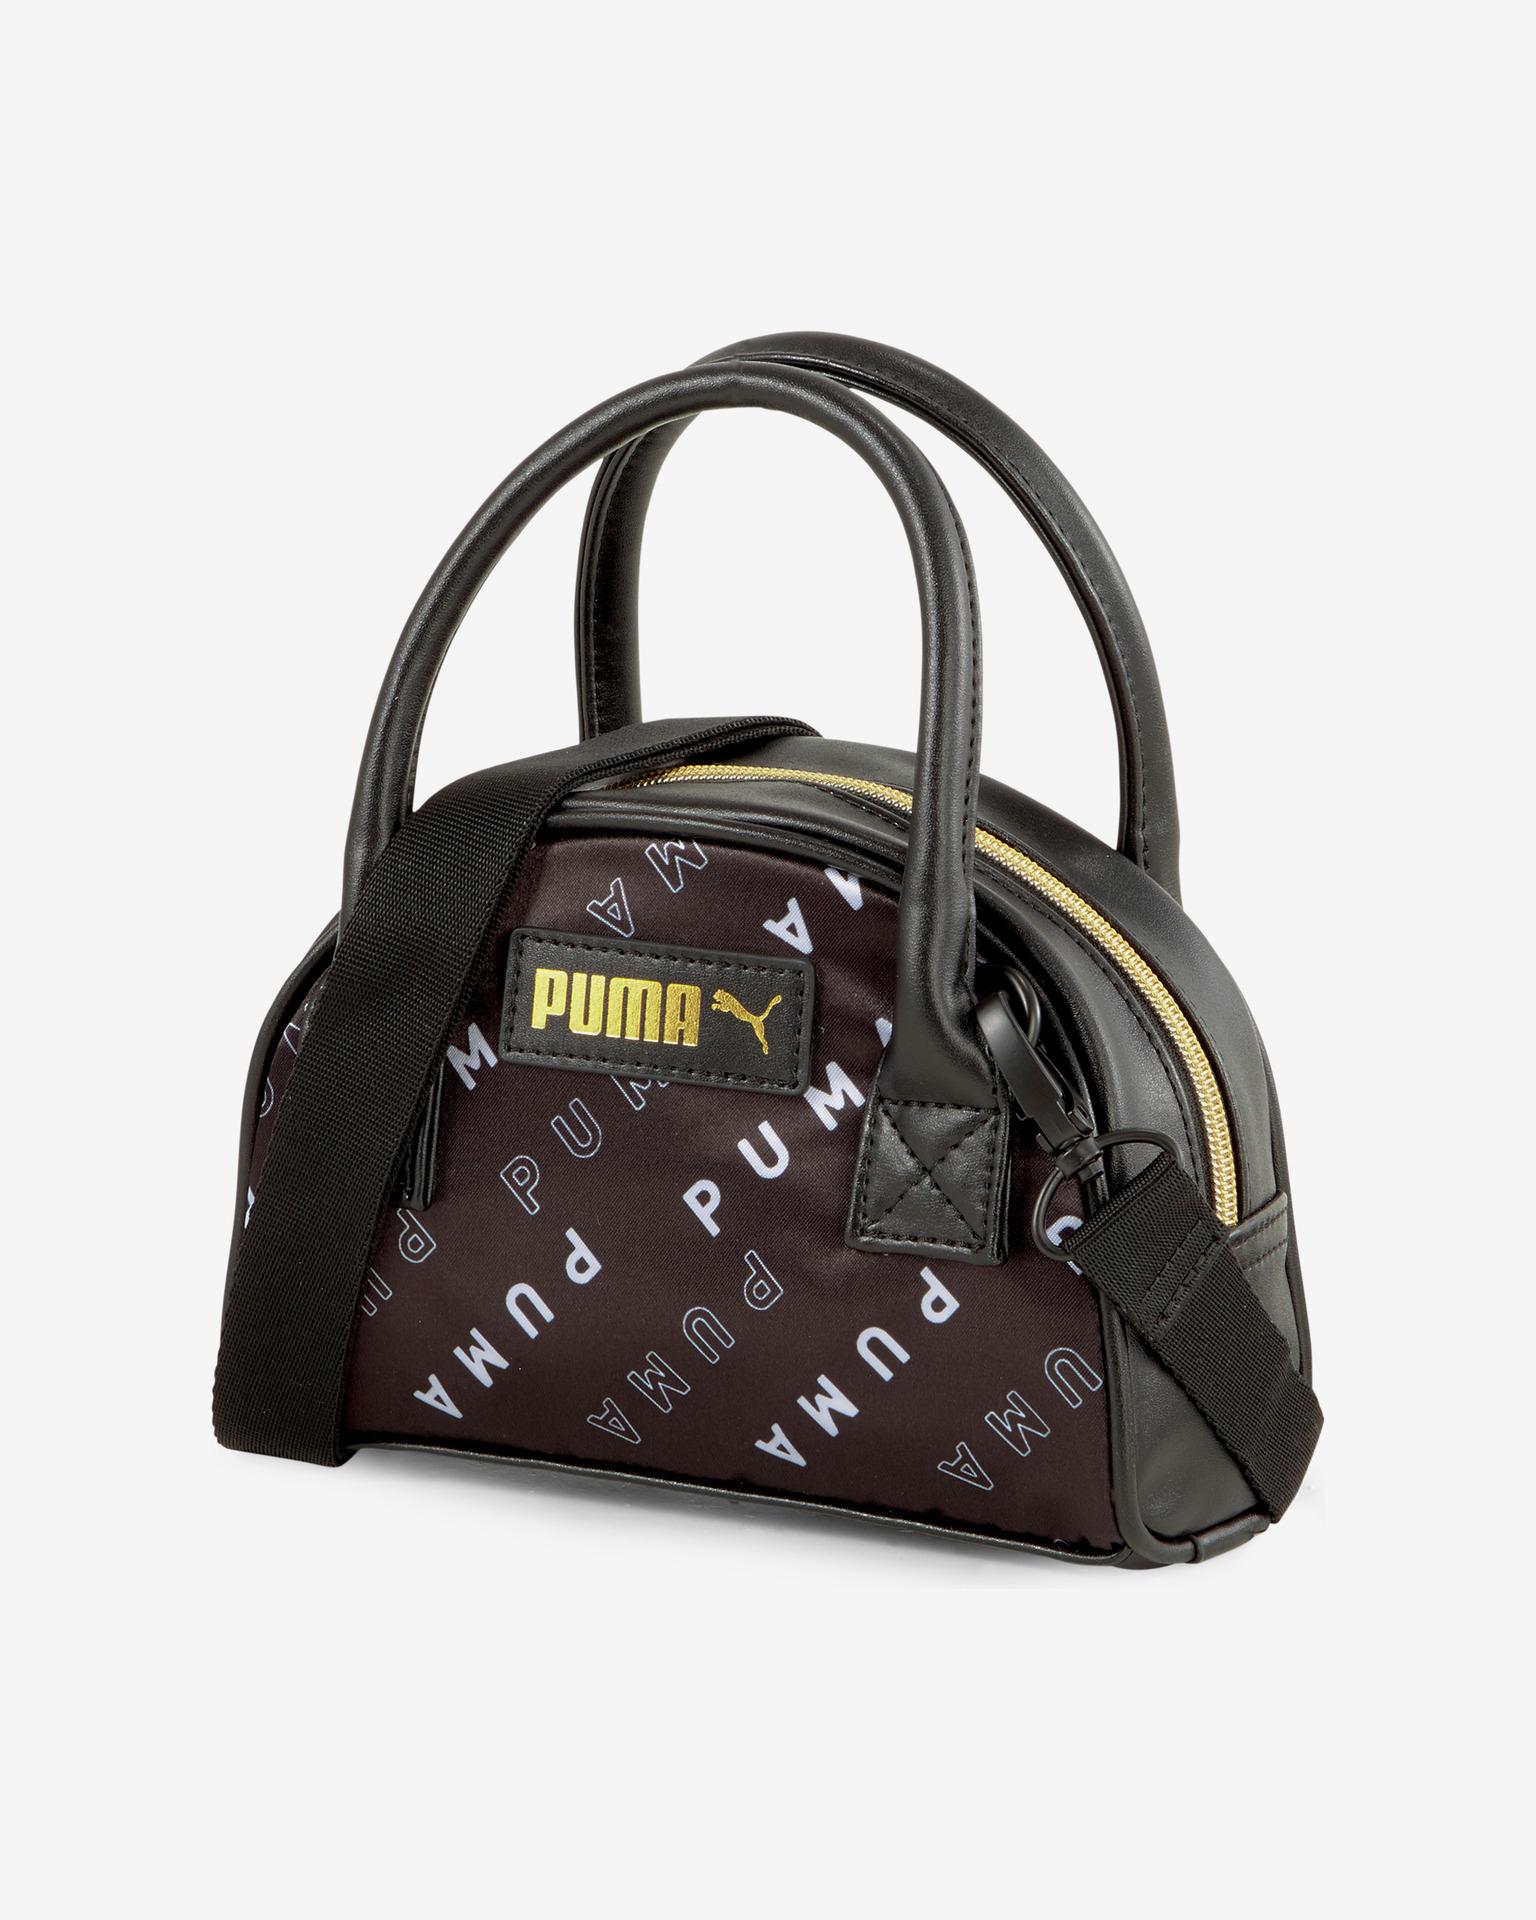 Puma Borsetta donna nero  Classics